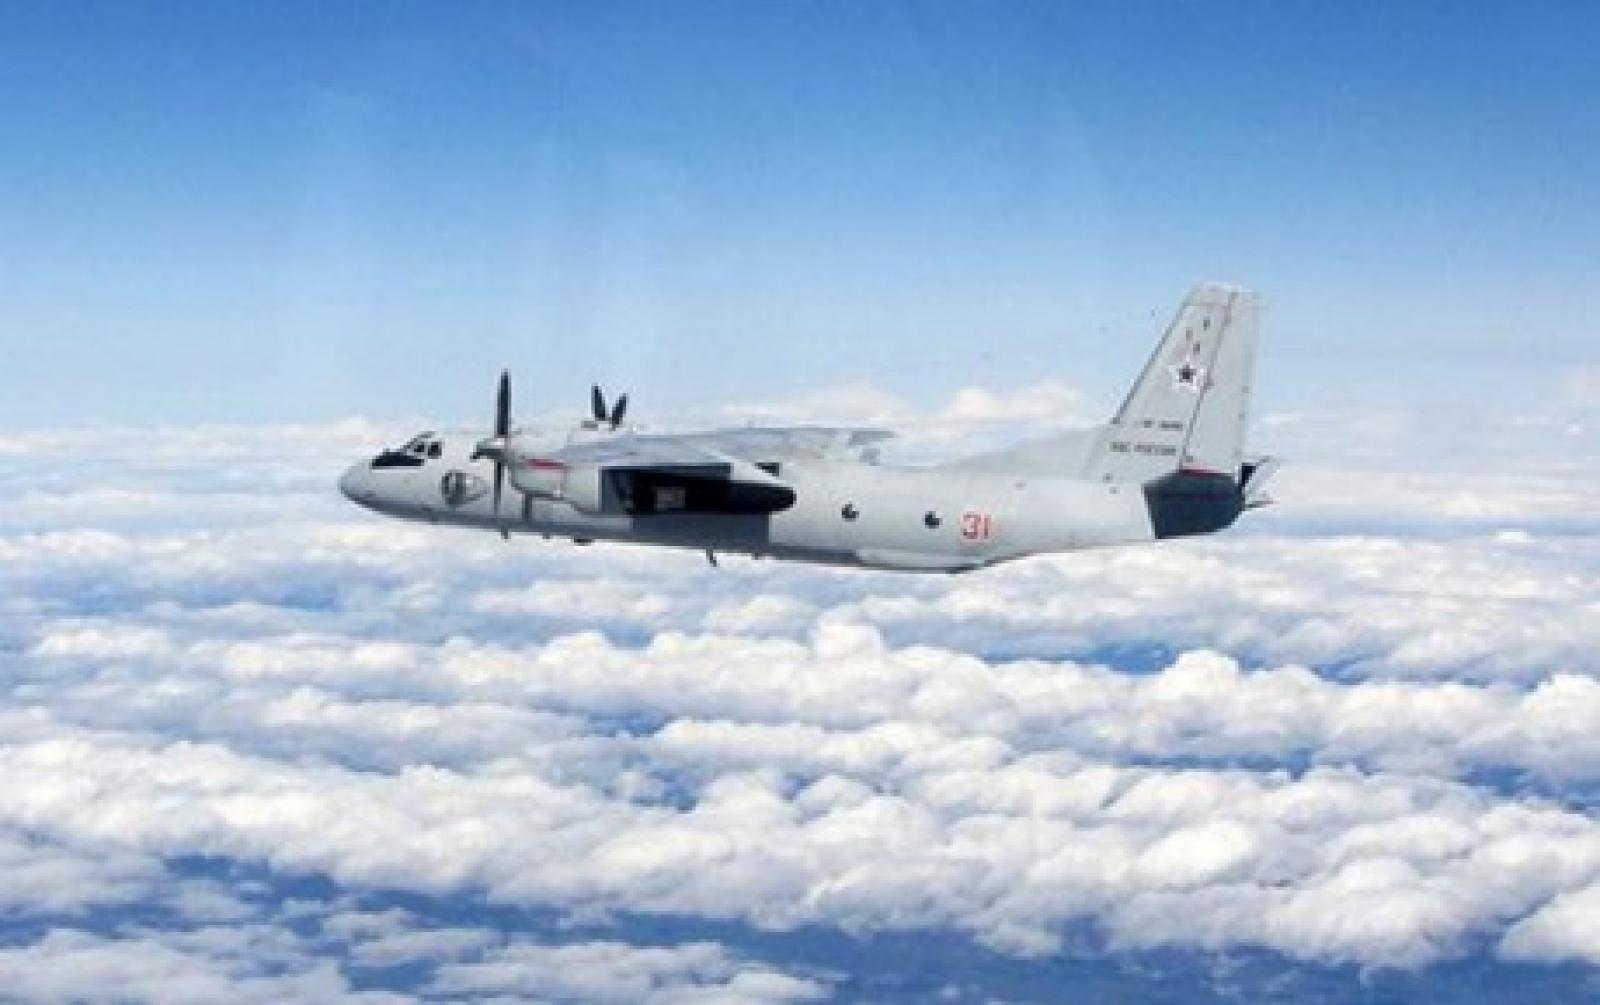 Над Балтикой истребители НАТО перехватили 4 военных самолета РФ